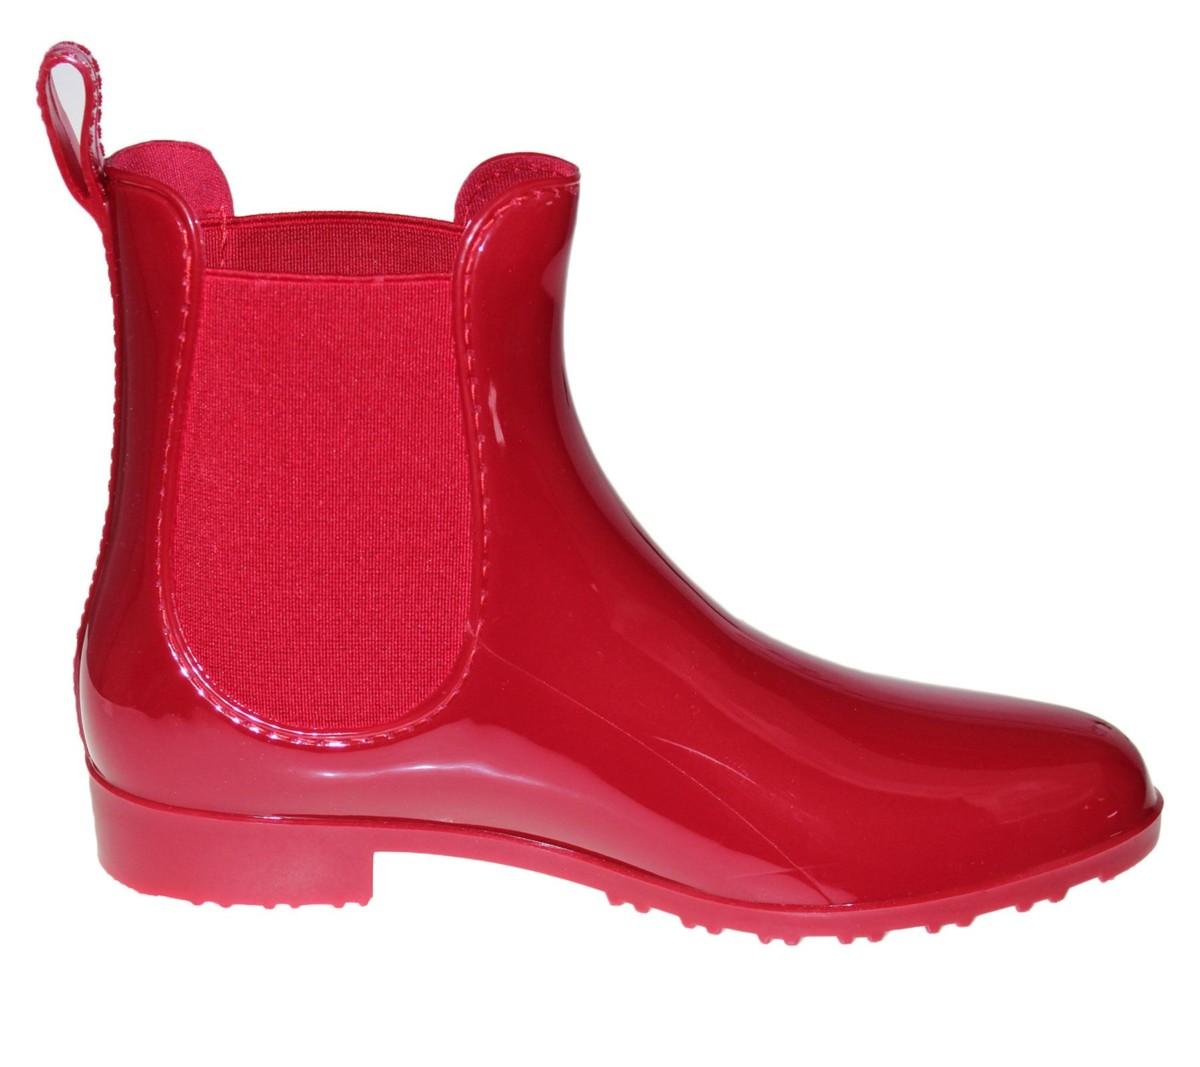 Vêtements, accessoires > Femmes: chaussures > Bottes, bottines